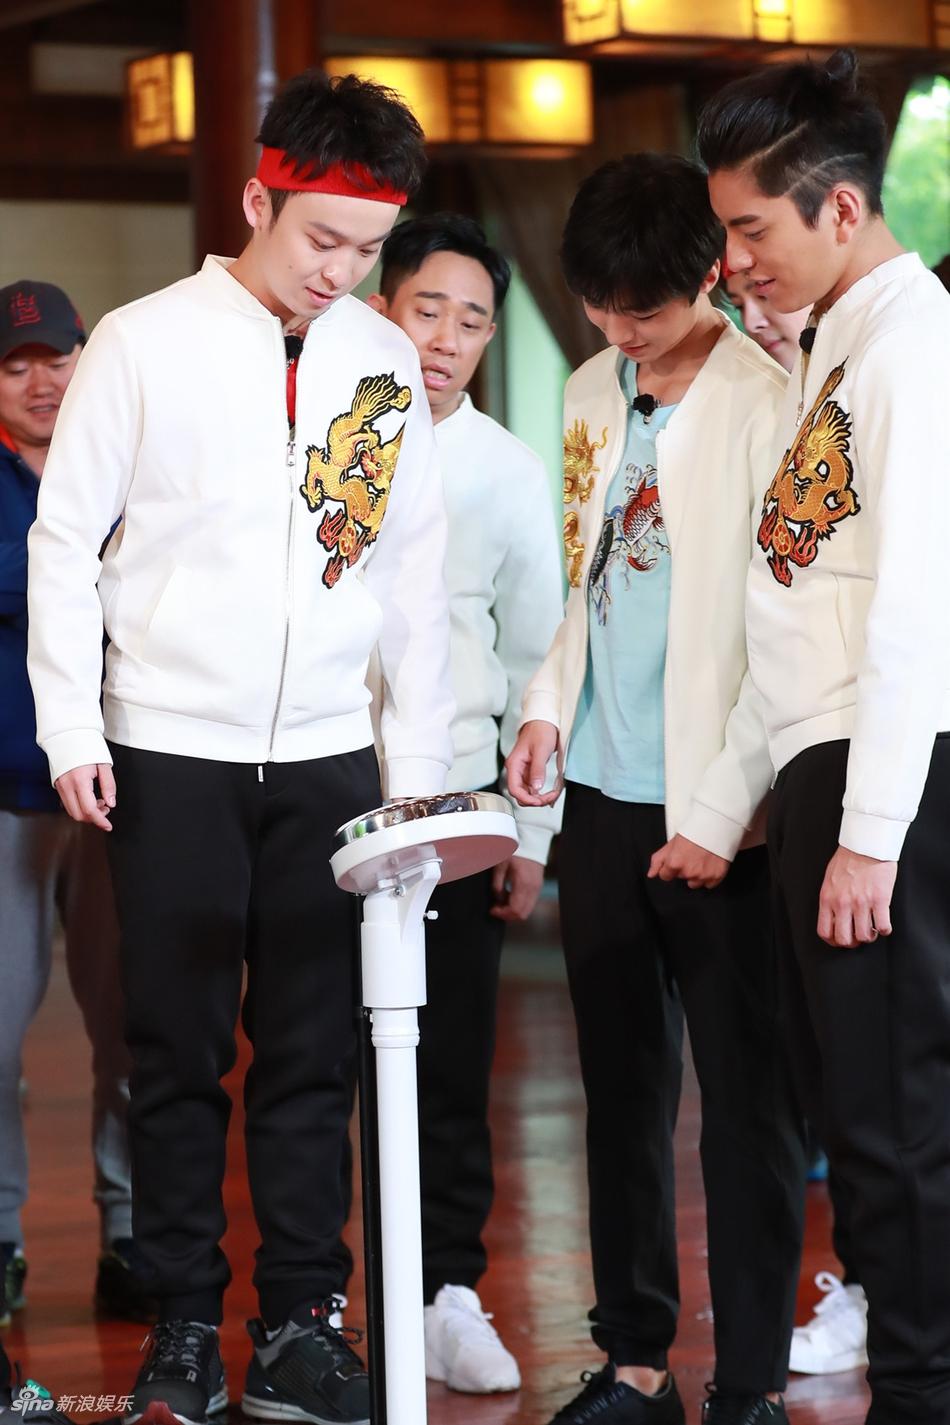 高清套图:《高能》身高体重曝光 王俊凯182cm才58公斤